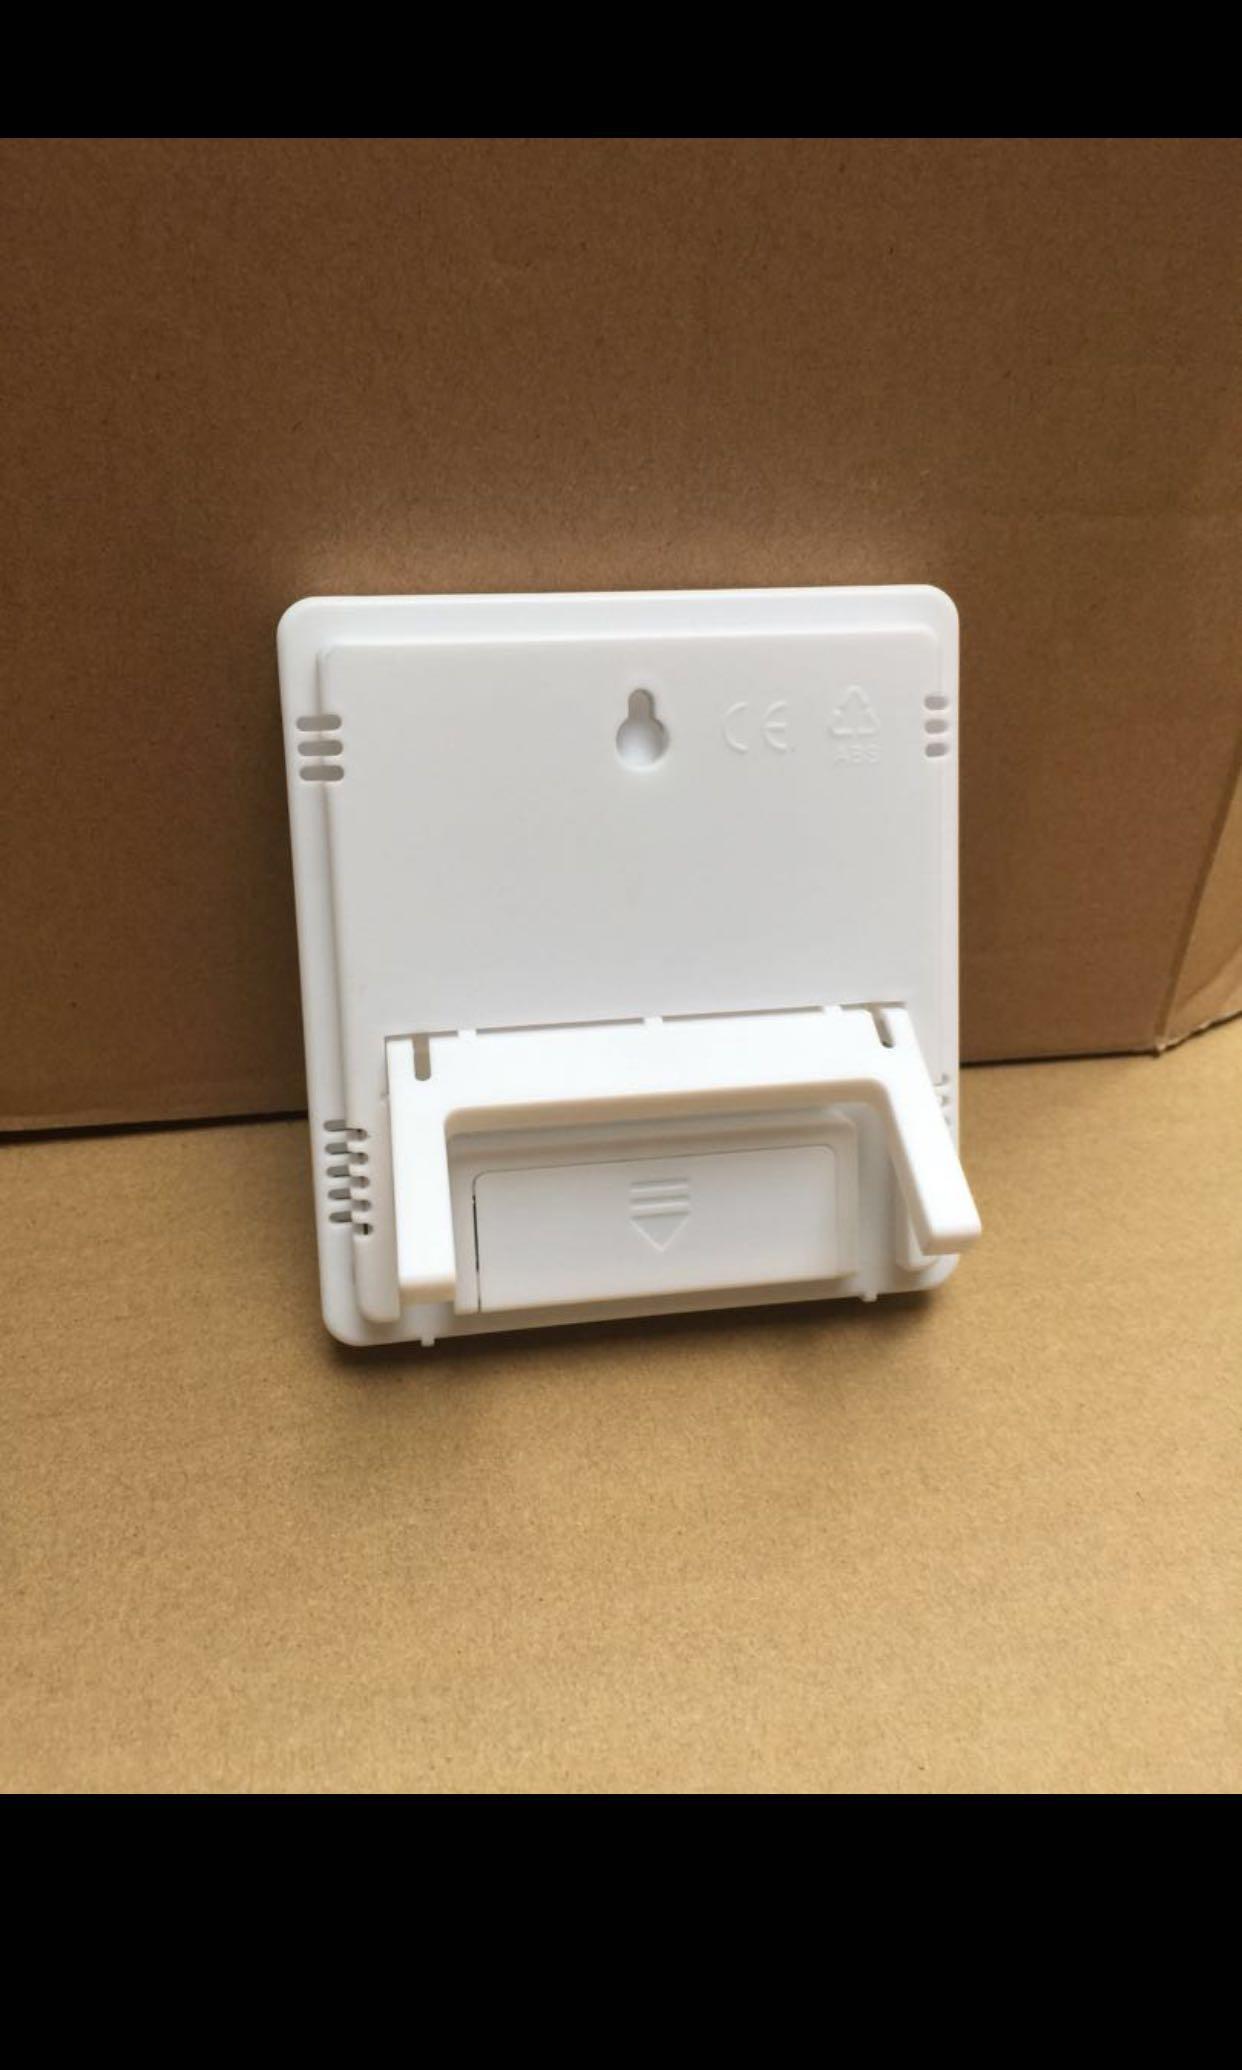 溫度計 濕度計 掛牆鐘 座檯鐘 鬧鐘 LCD顯示